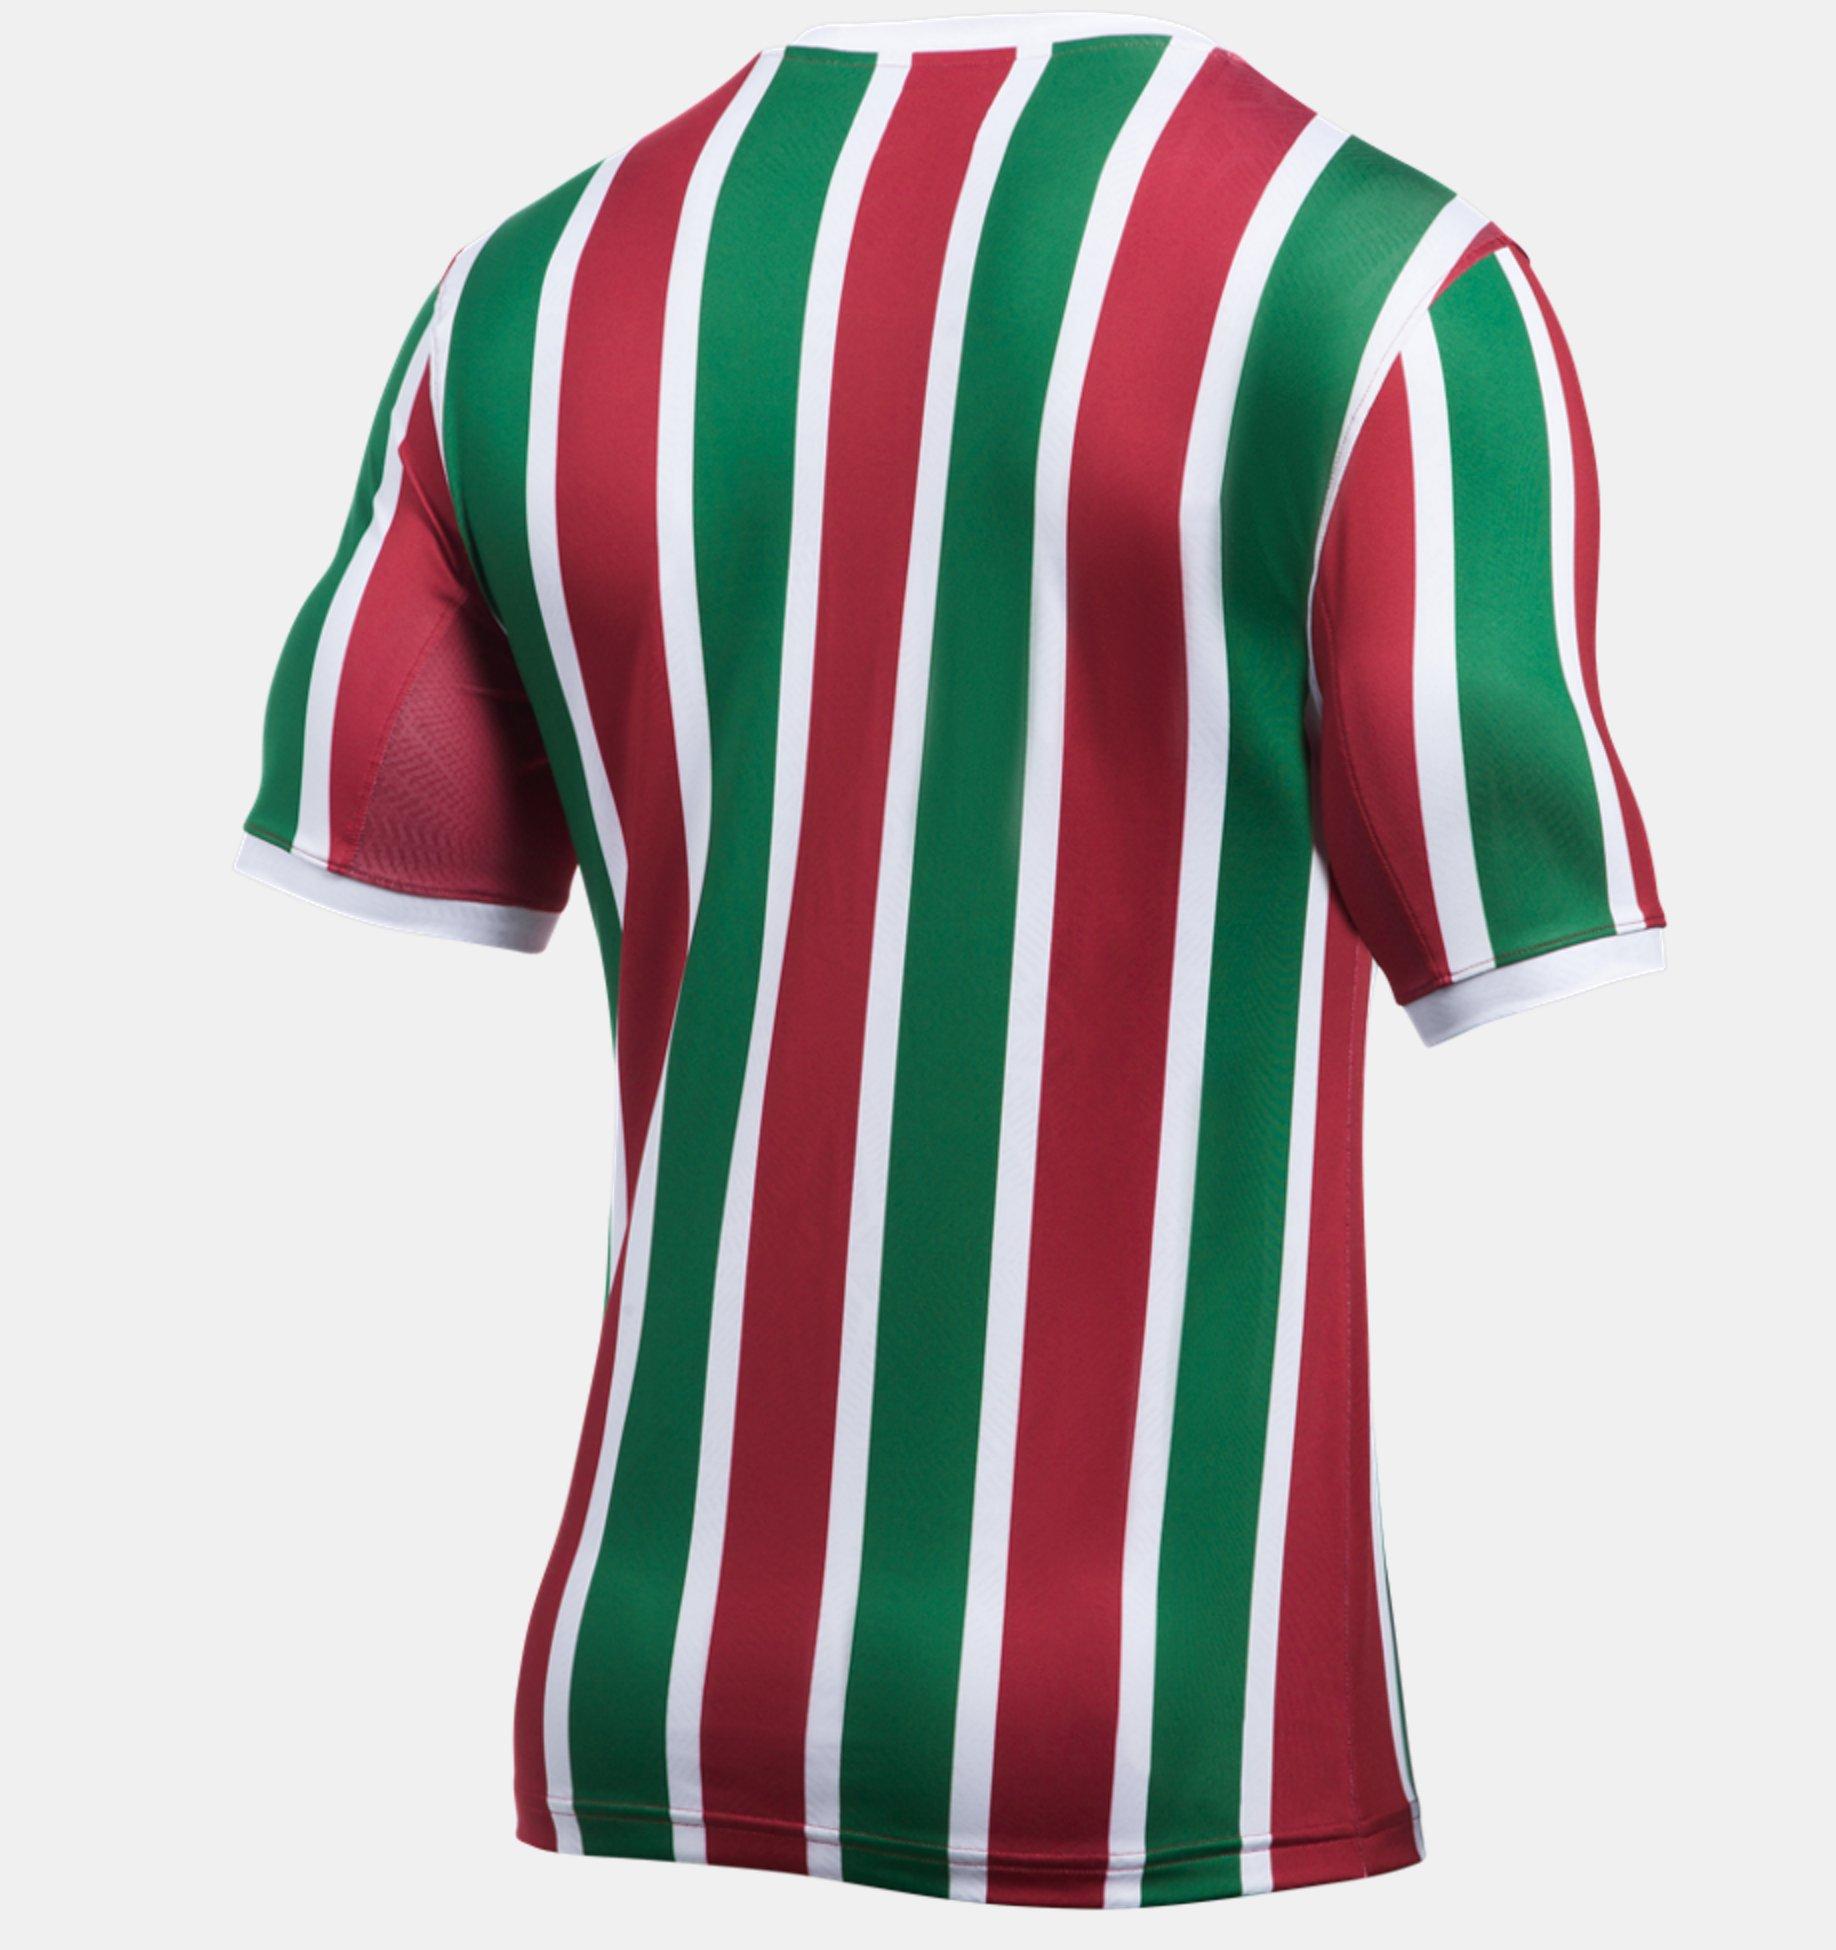 Fluminense - Under Armour Home e Away 17 18 - Camisas e Chuteiras fc67fc29a4d1c